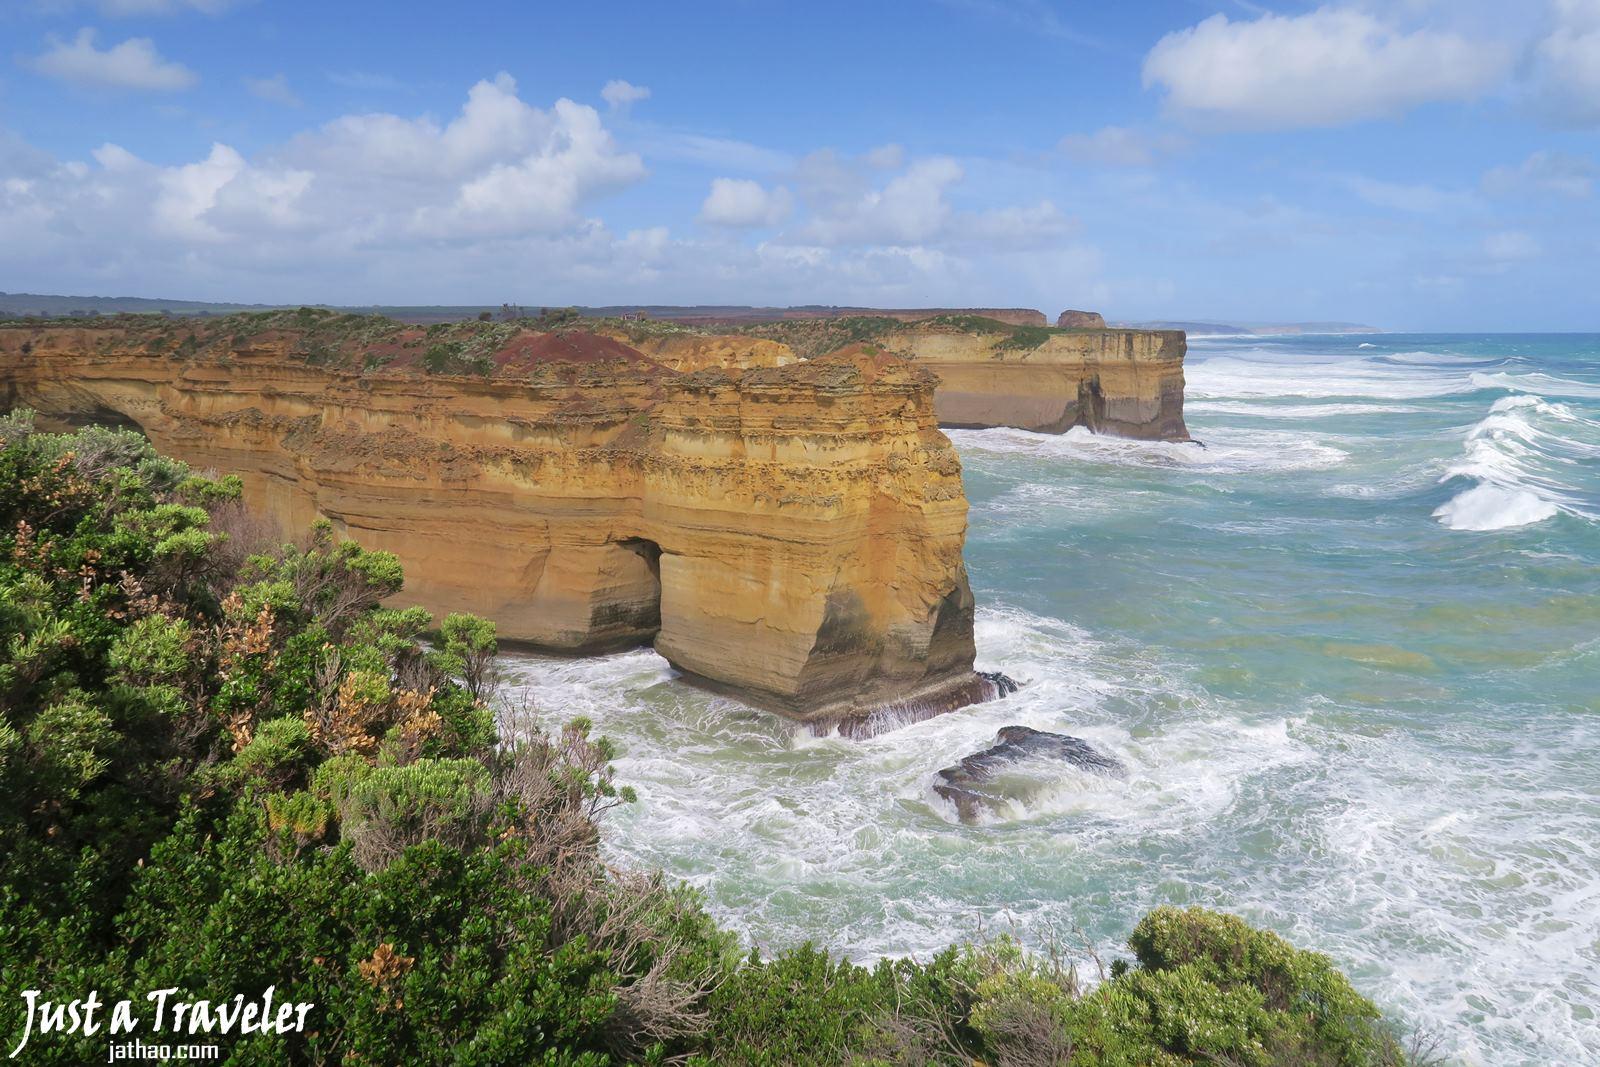 墨爾本-大洋路-景點-推薦-一日遊-二日遊-自由行-行程-旅遊-跟團-交通-自駕-住宿-澳洲-Melbourne-Great-Ocean-Road-Travel-Tour-Australia